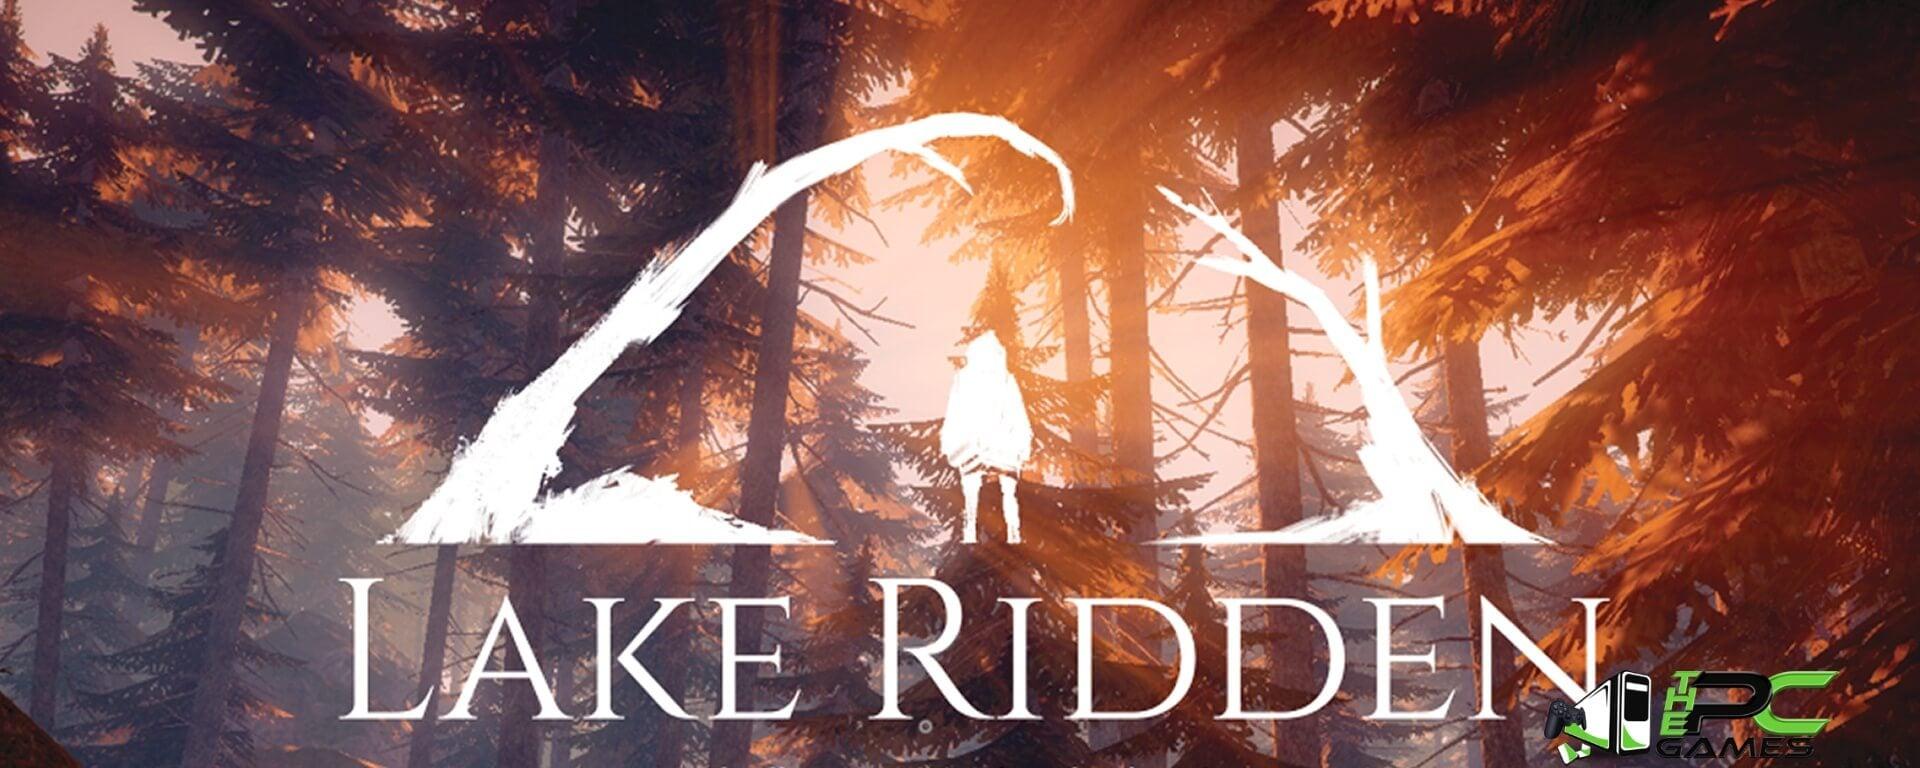 Lake Ridden free download